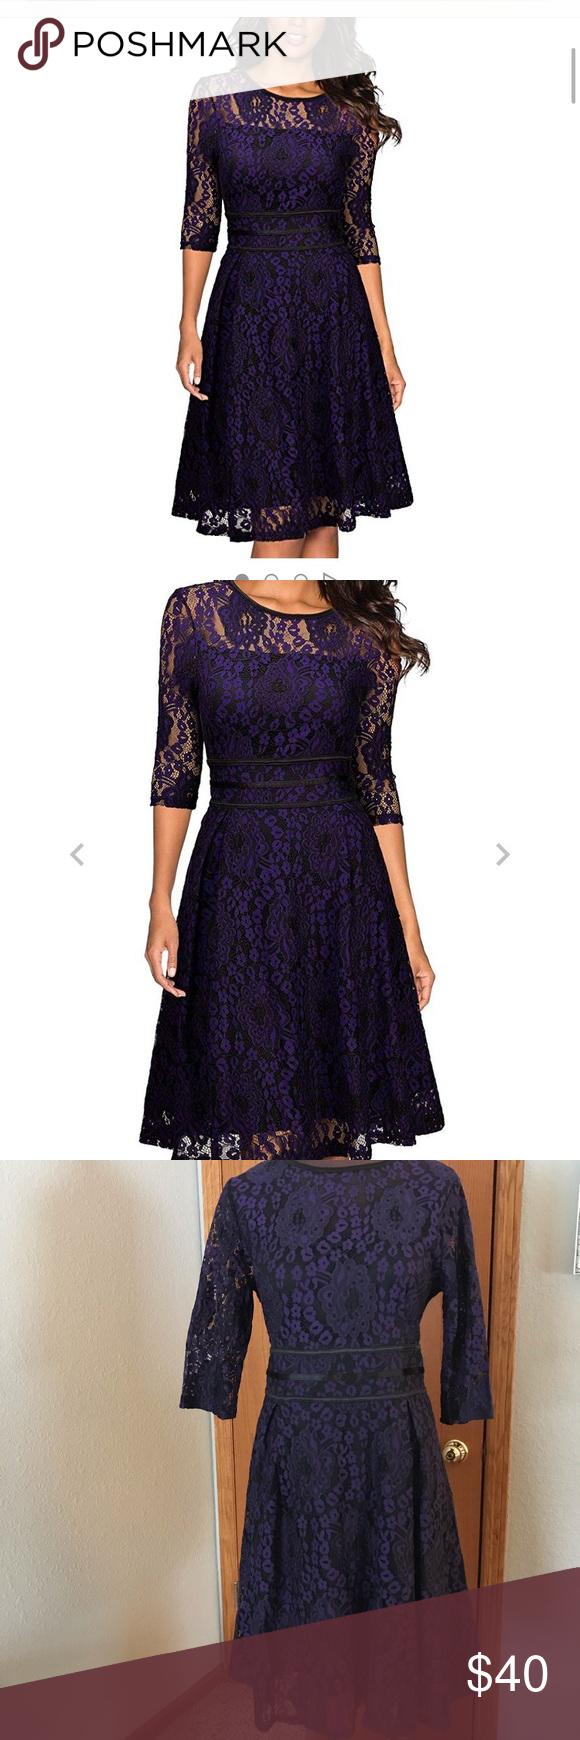 Miusol Purple And Black Lace Floral Dress 64 Cotton32